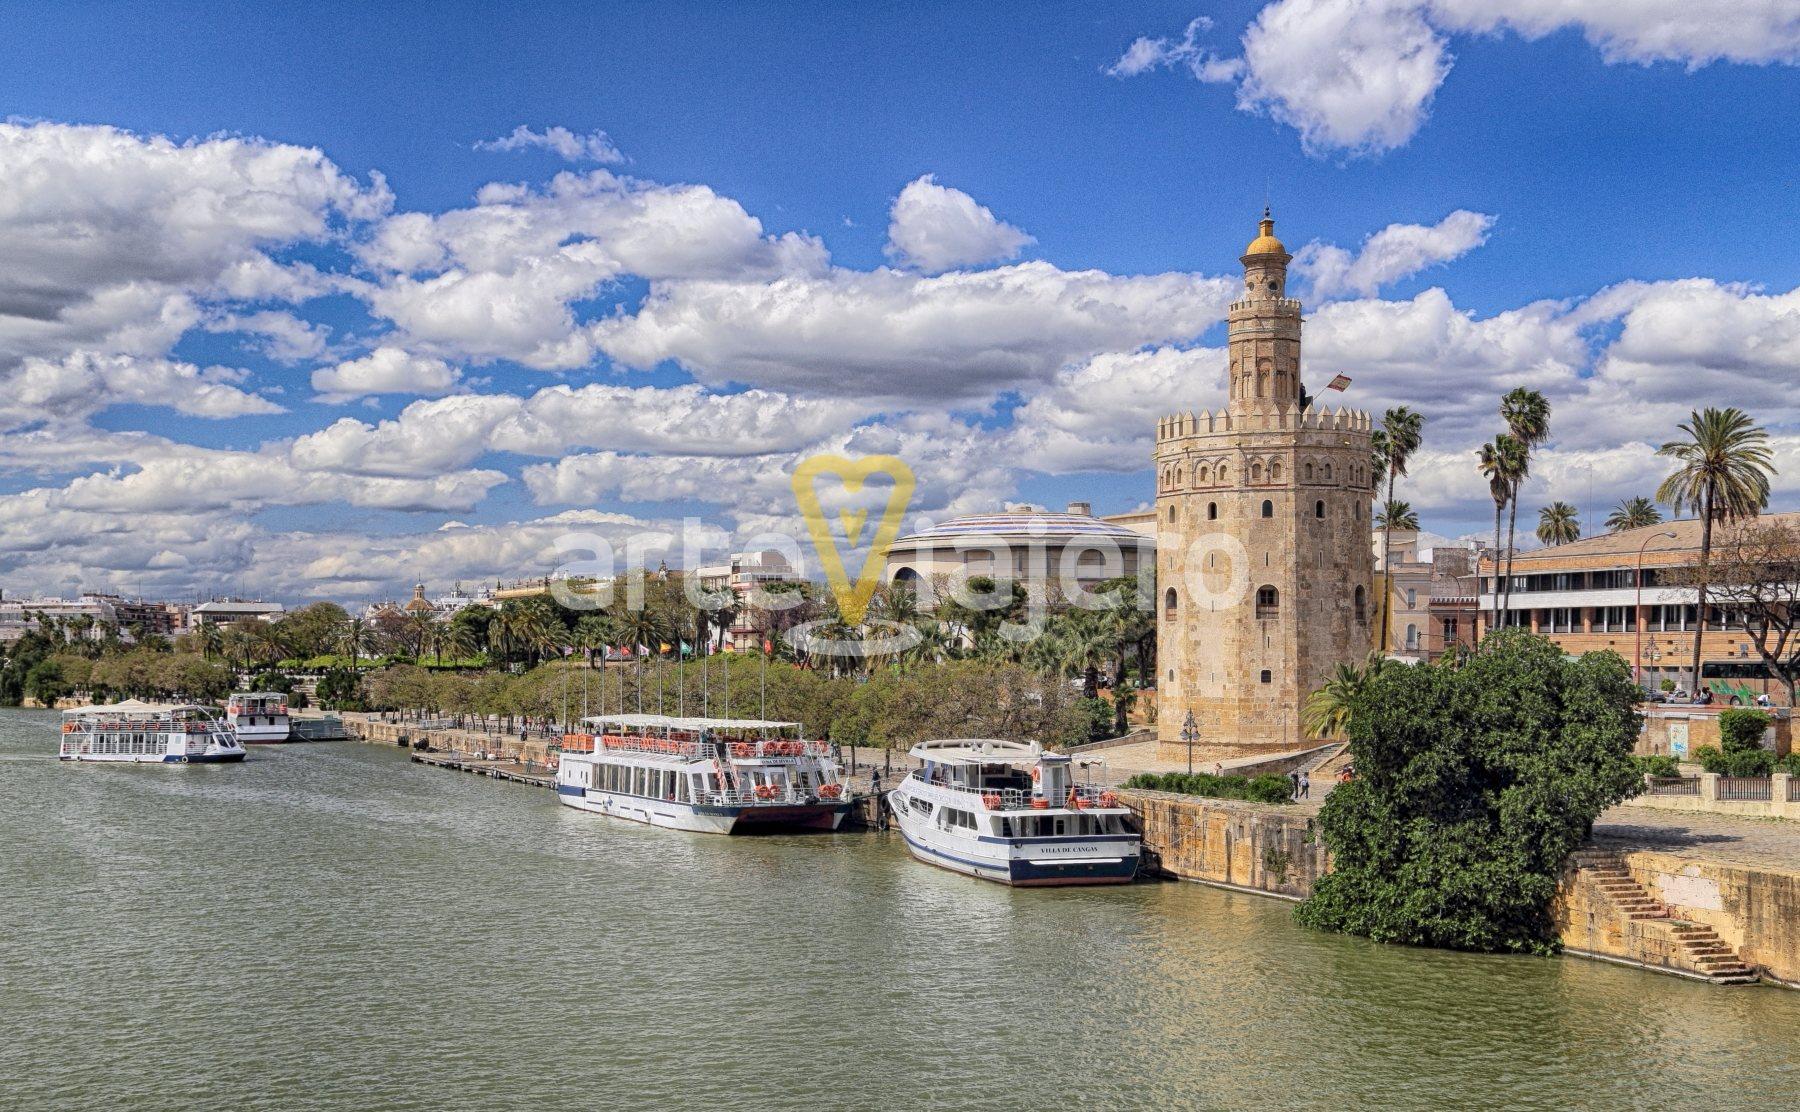 torre del oro guadalquivir